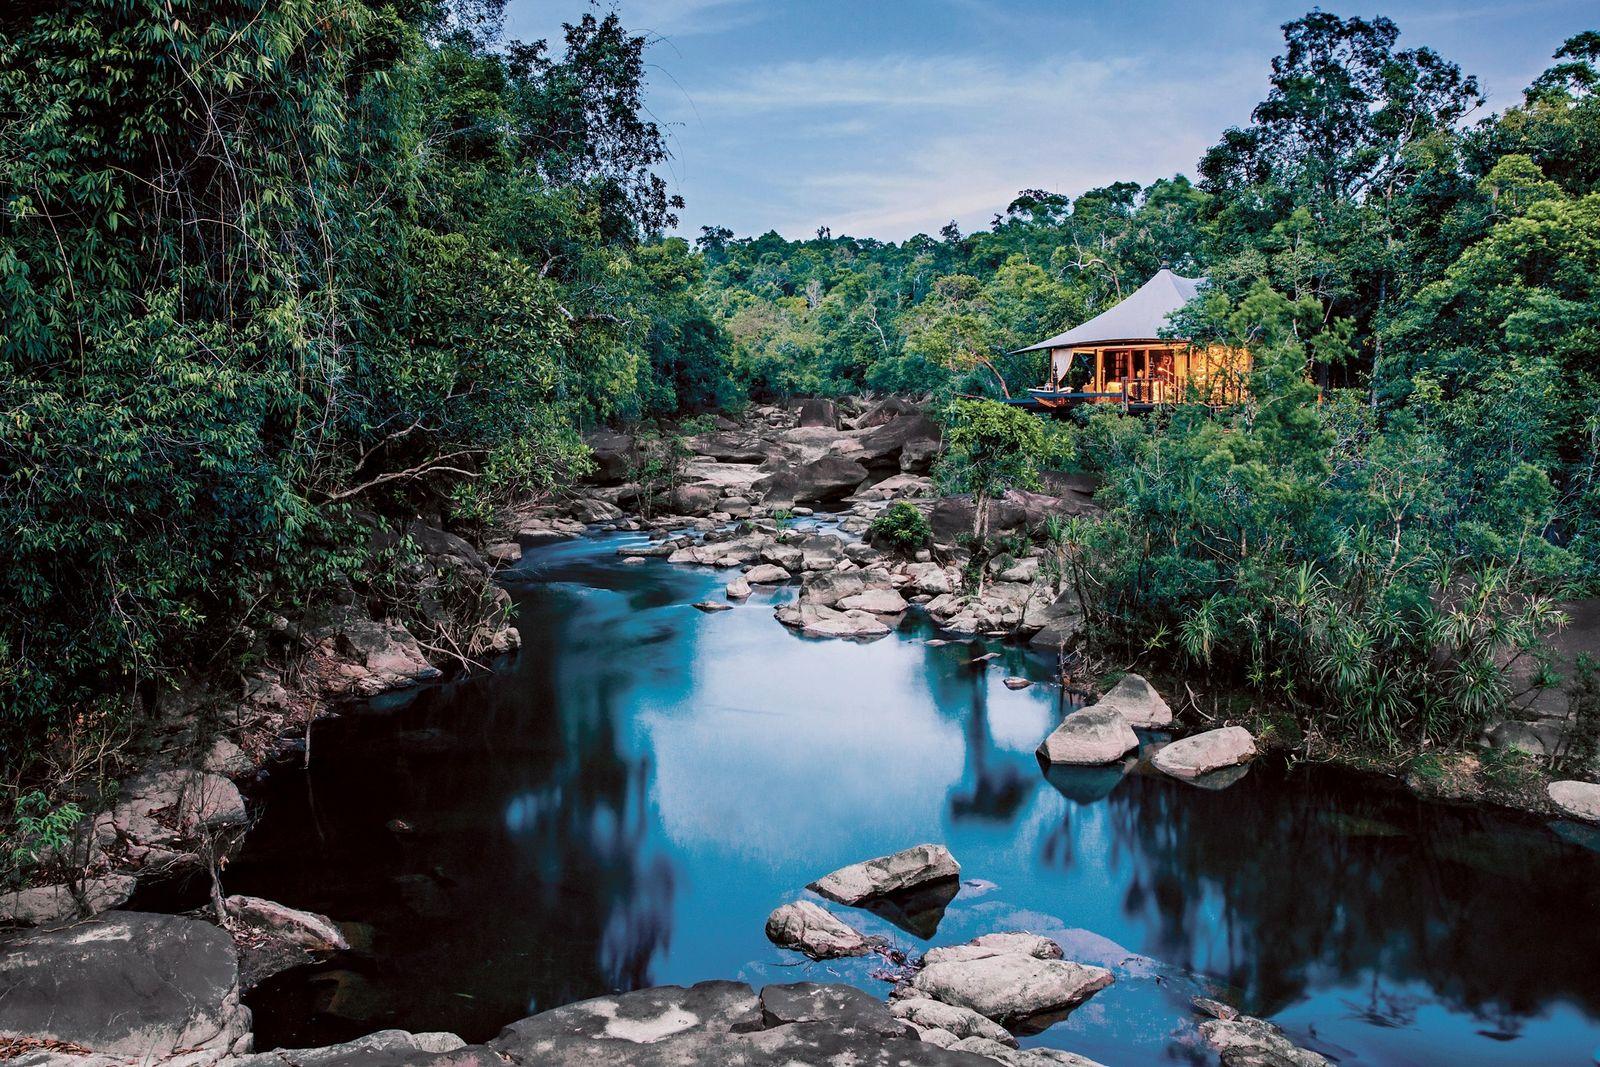 Conheça 13 dos melhores e mais novos hotéis ecológicos do mundo